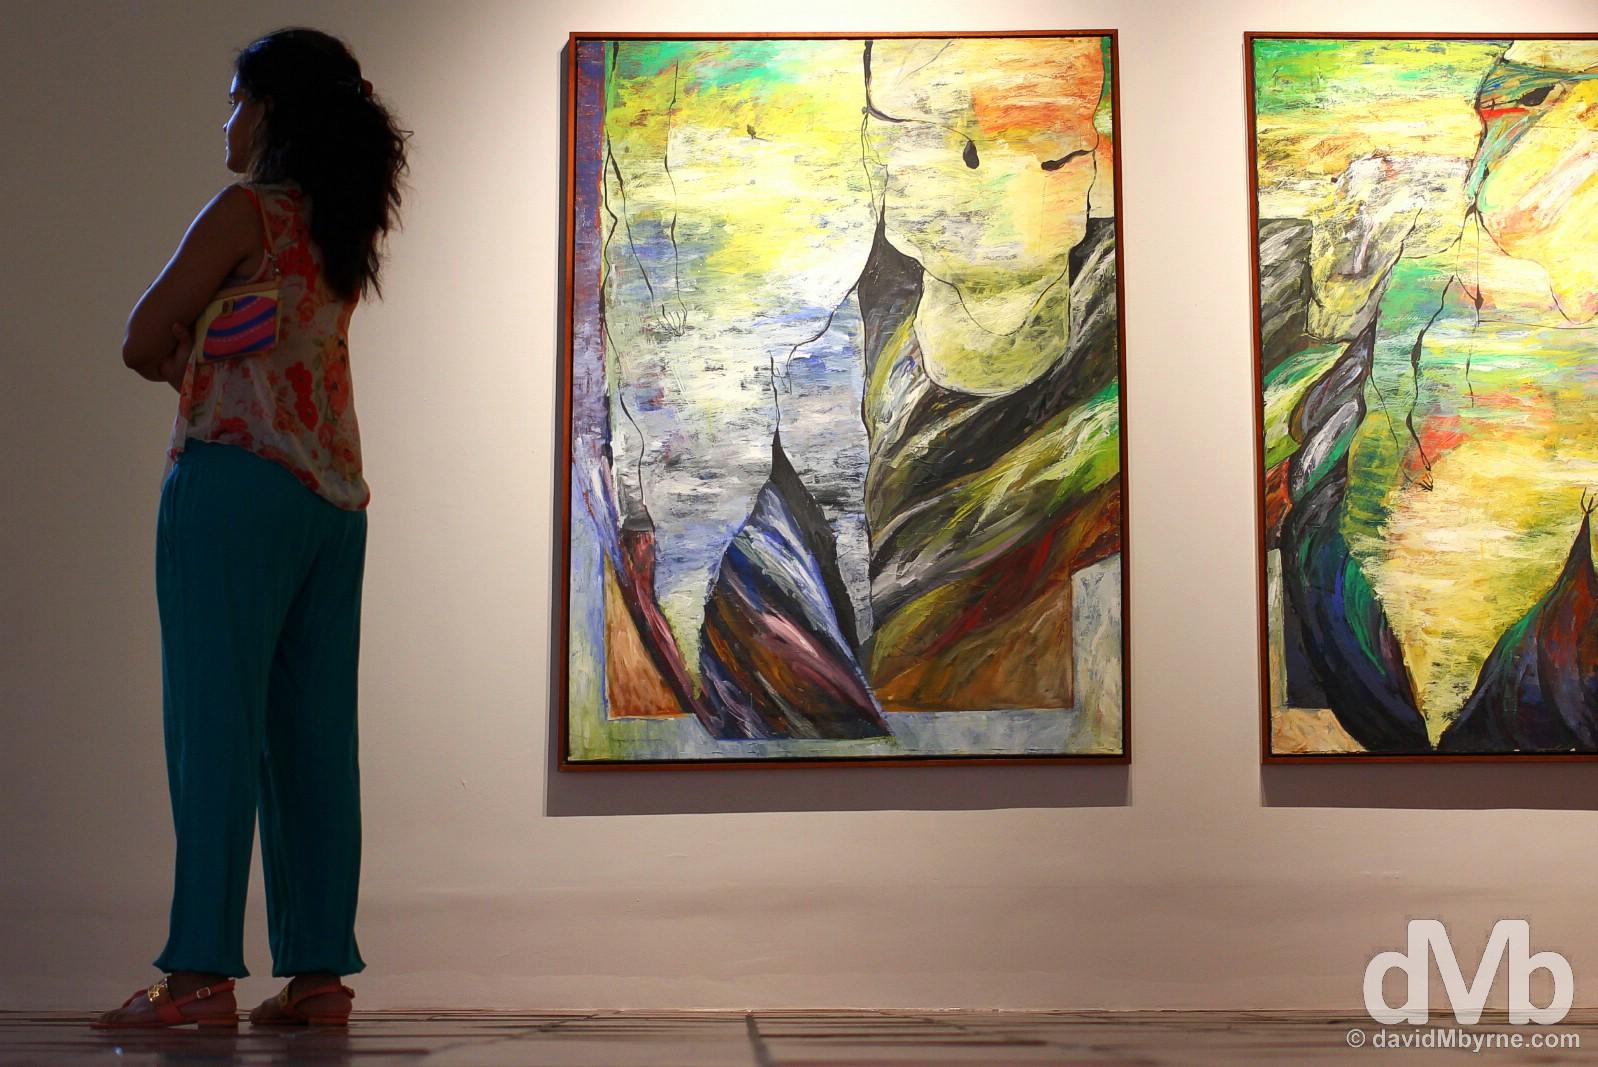 Museo de San Juan, Old San Juan, Puerto Rico, Greater Antilles. May 31, 2015.